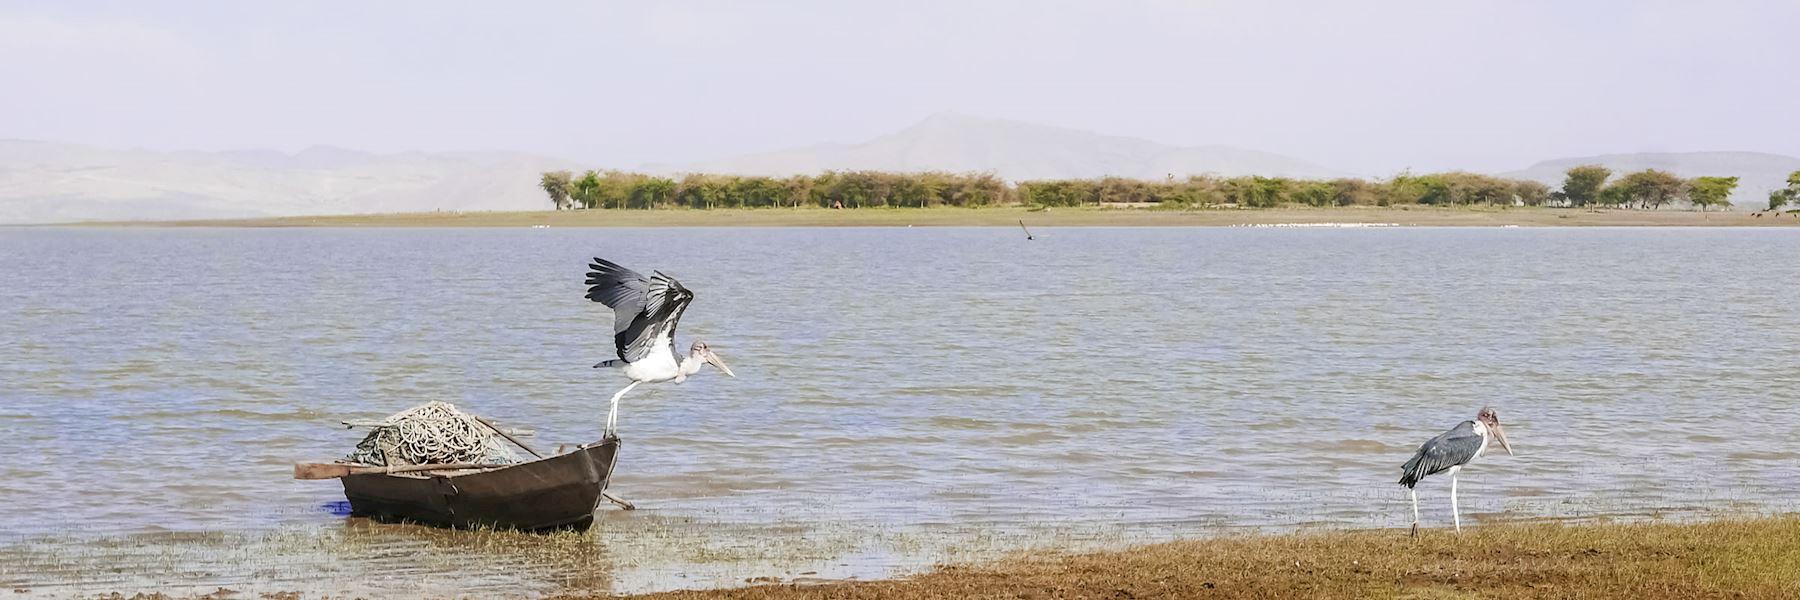 Malawi vacations